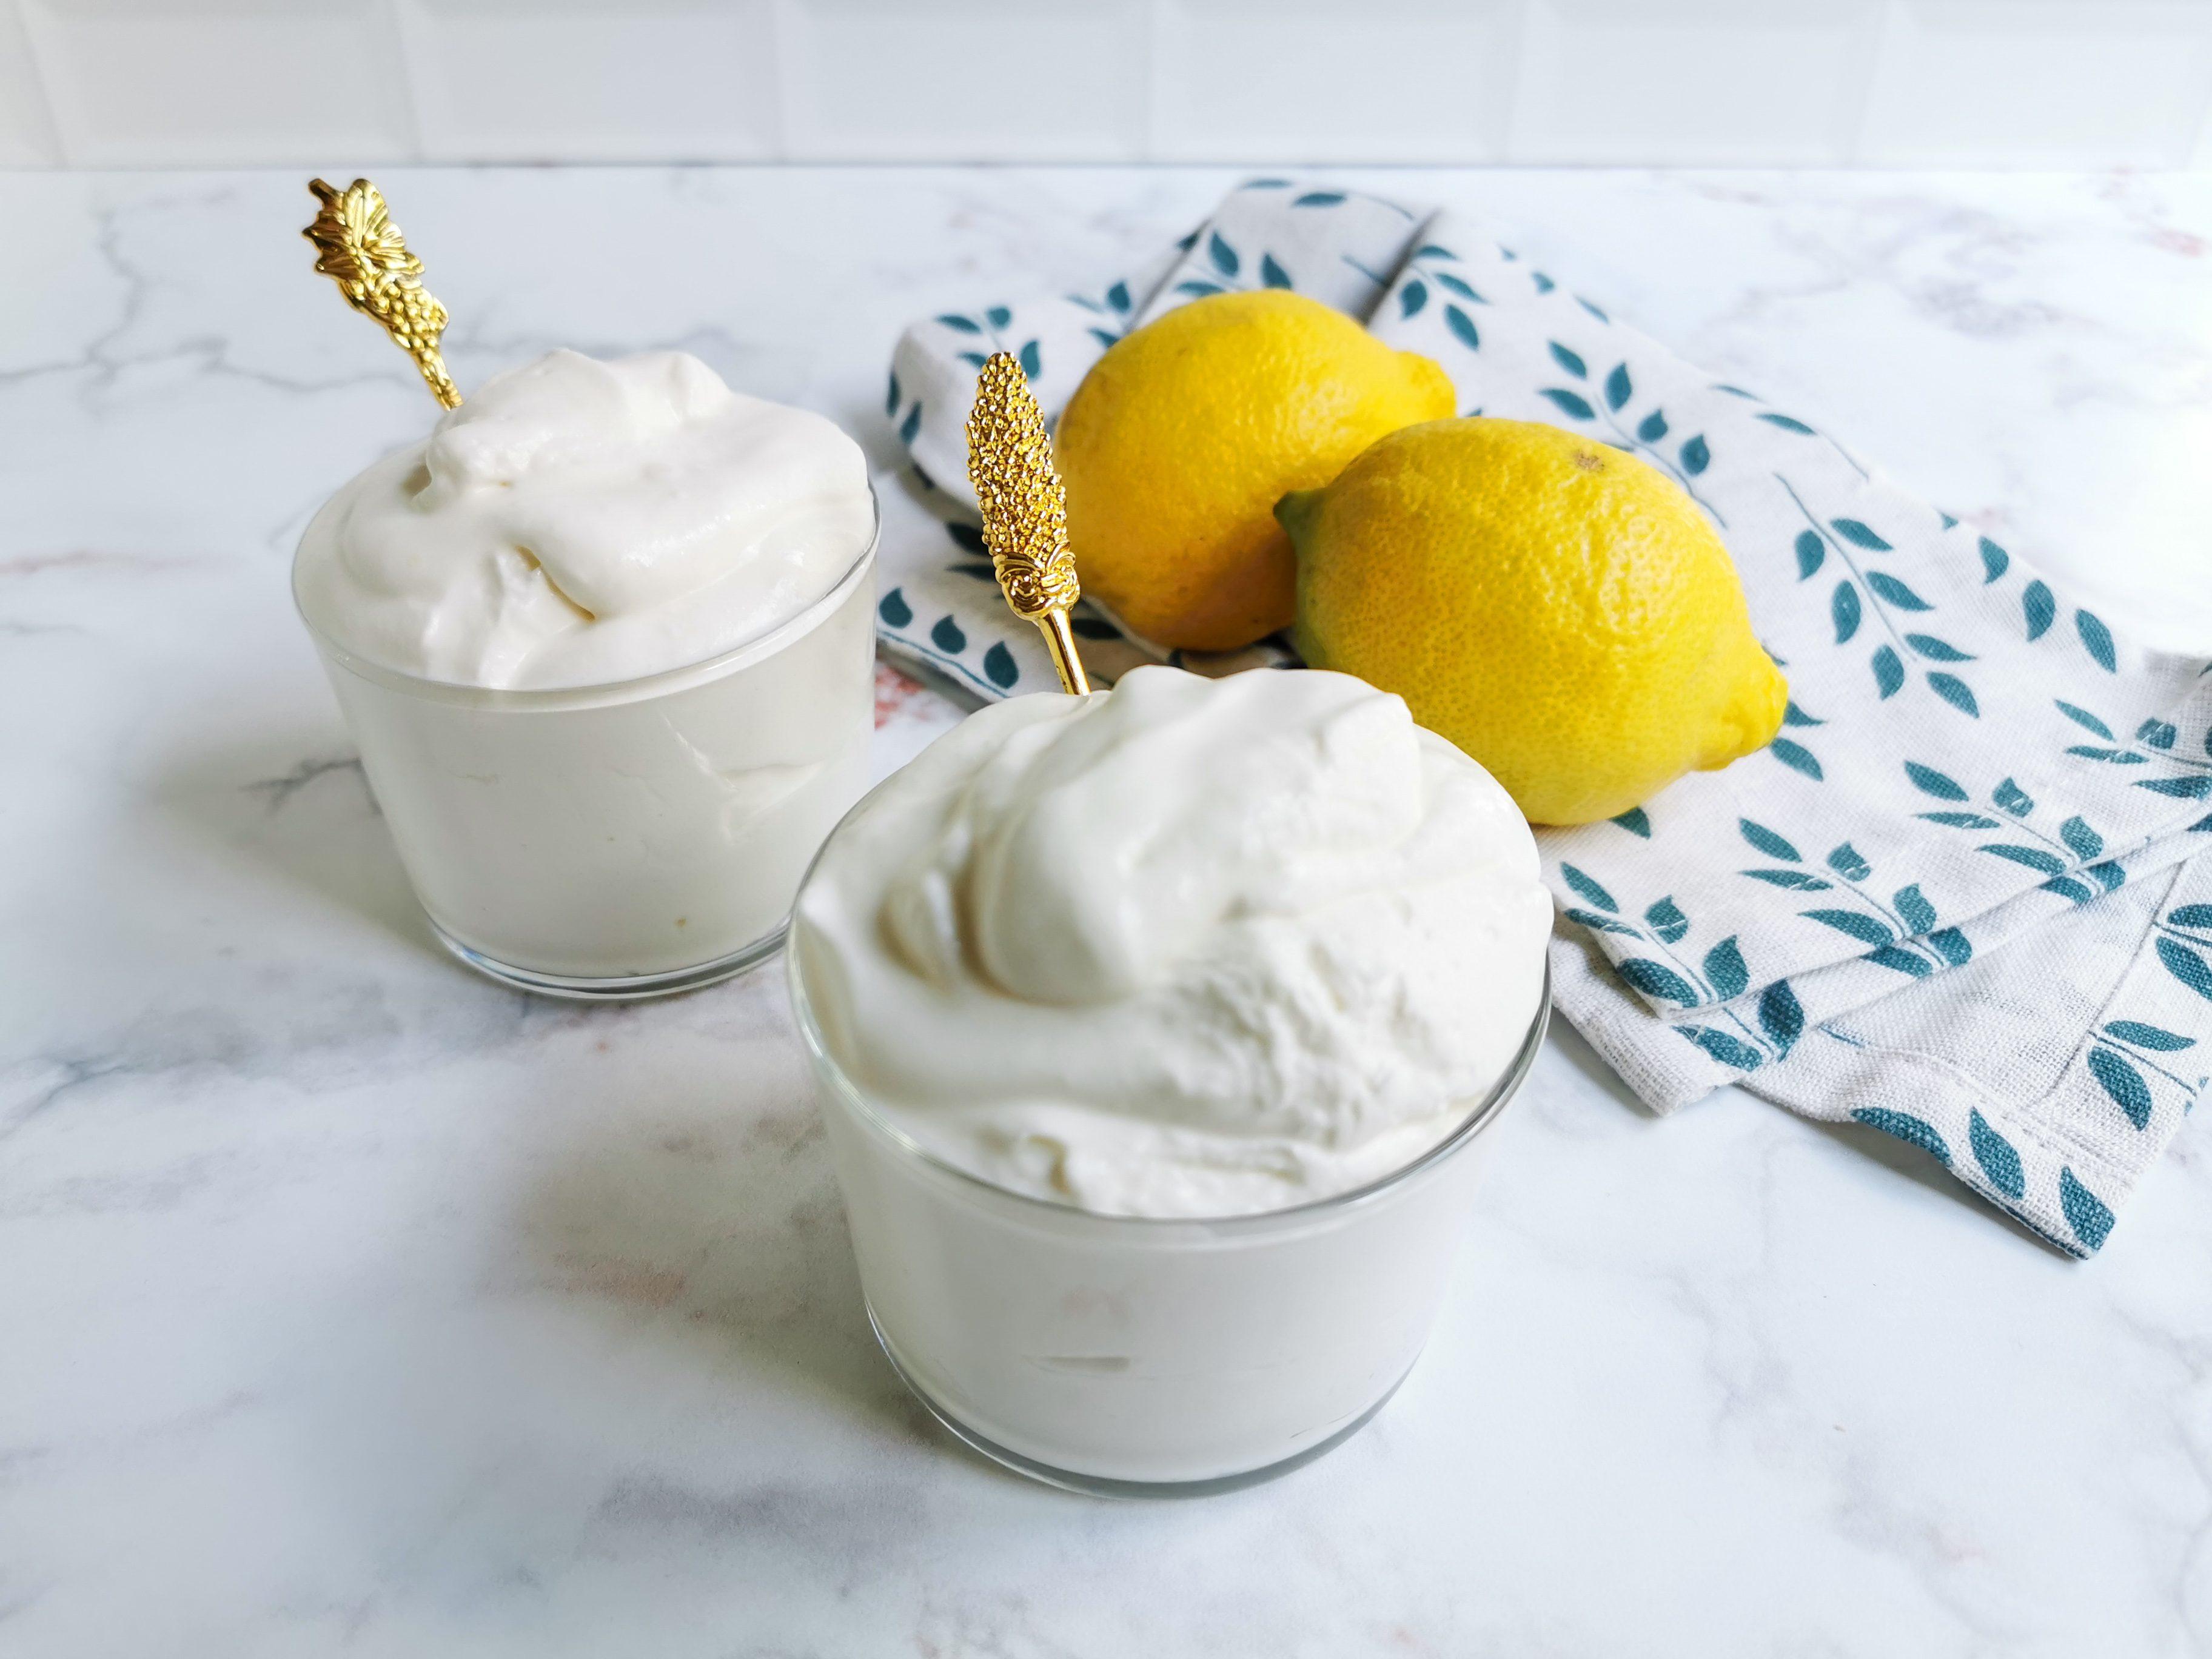 Crema fredda al limone: la ricetta del dessert rinfrescante e goloso